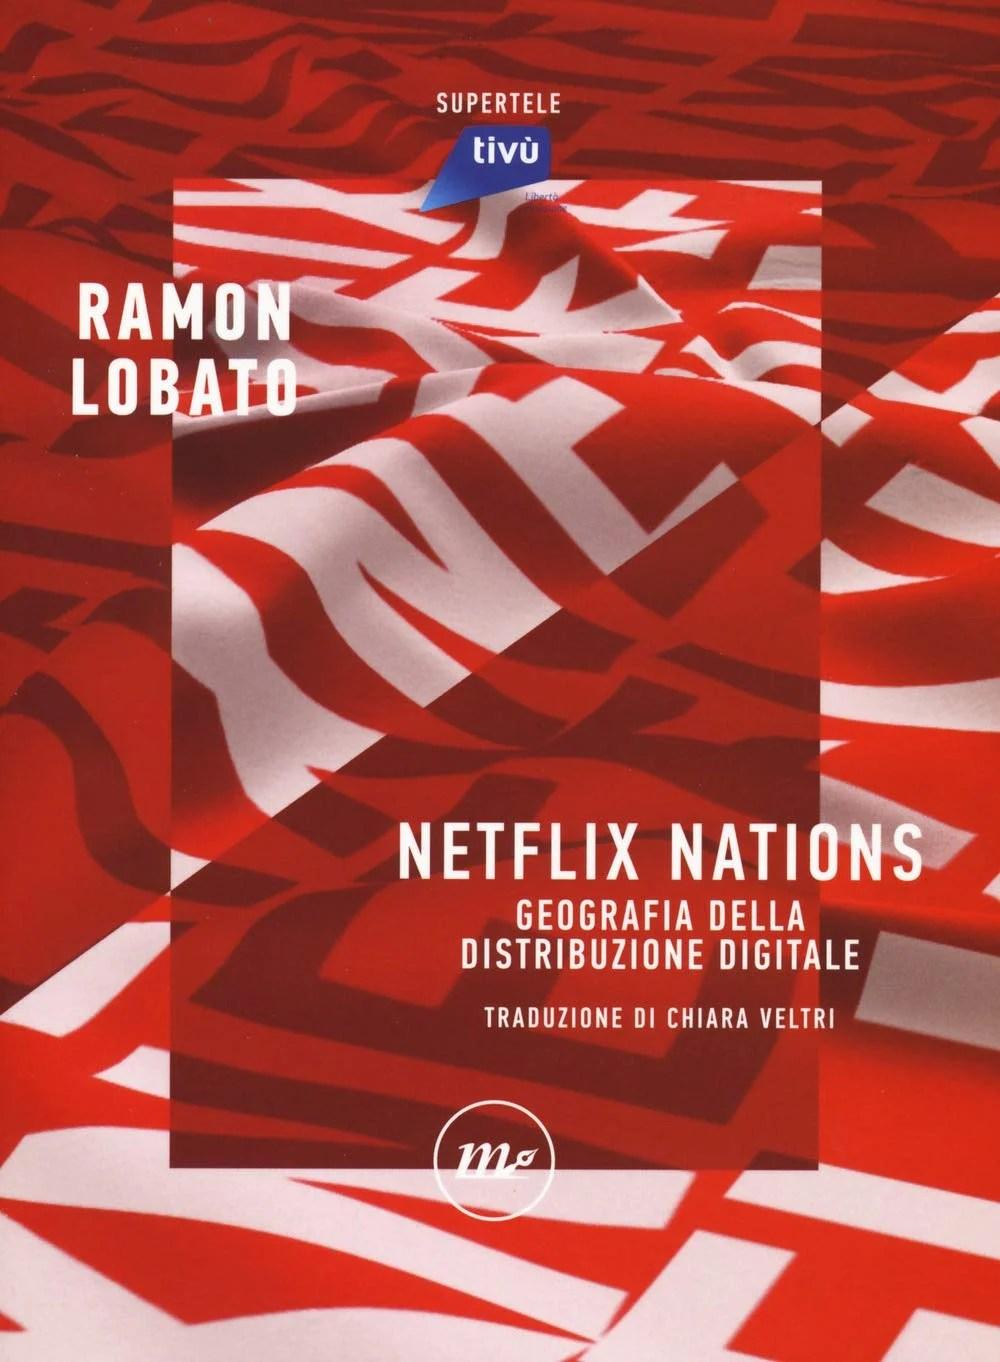 Recensione di Netflix Nations – Ramon Lobato